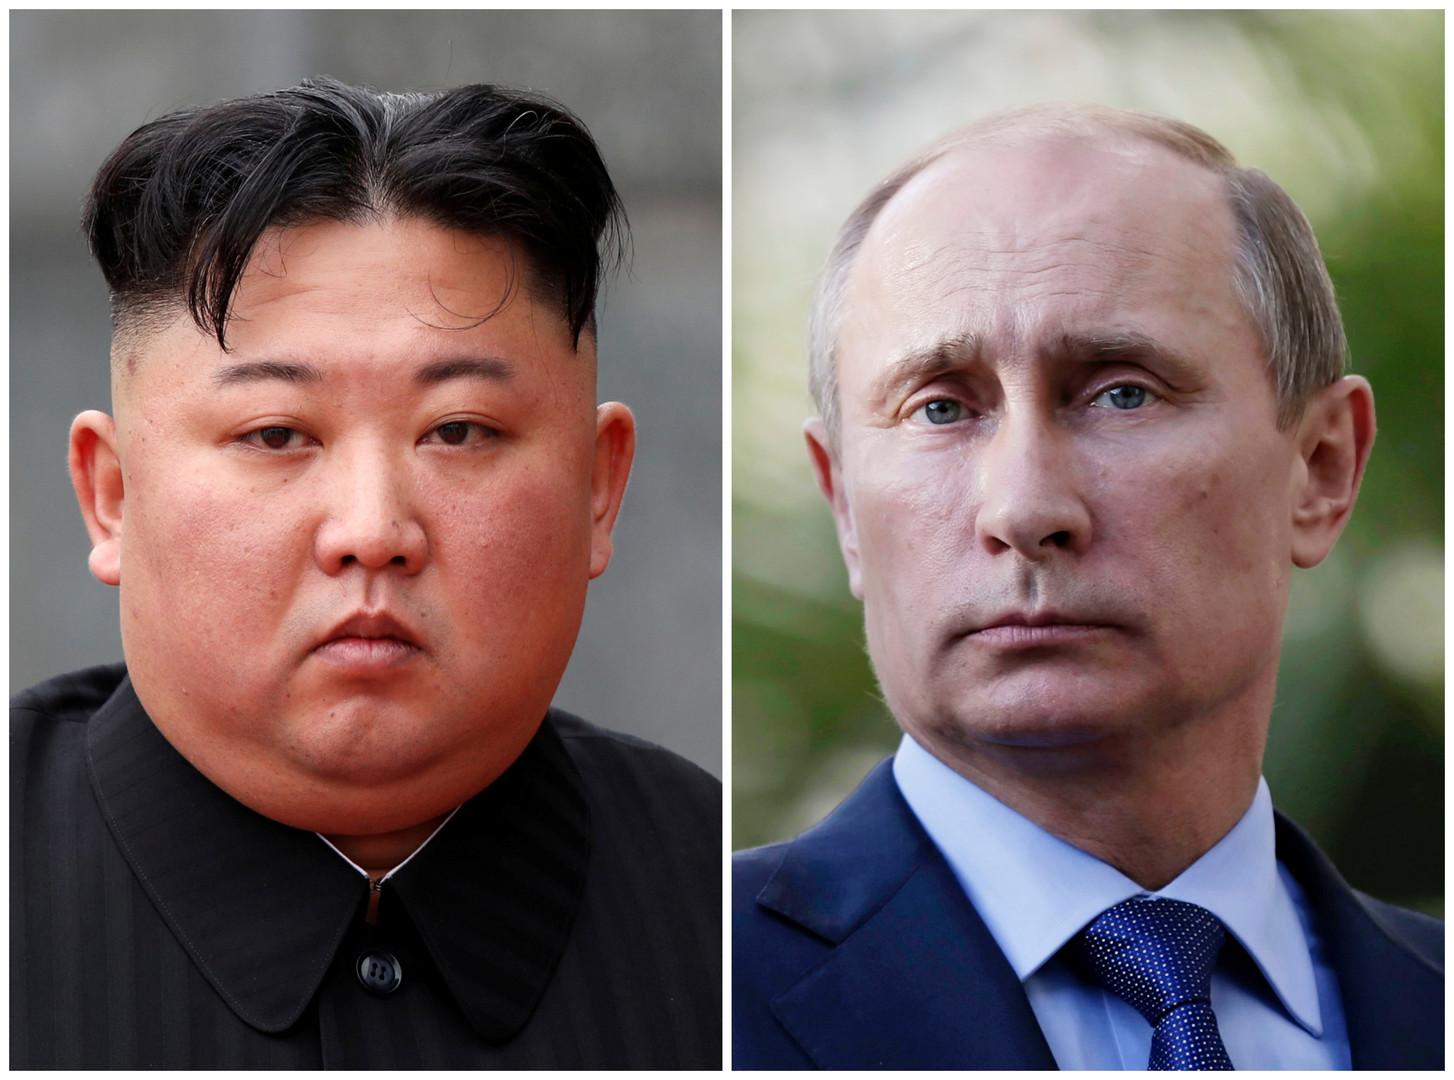 بيونغ يانغ تؤكد لقاء كيم جونغ أون بوتين بروسيا قريبا في أول قمة بينهما